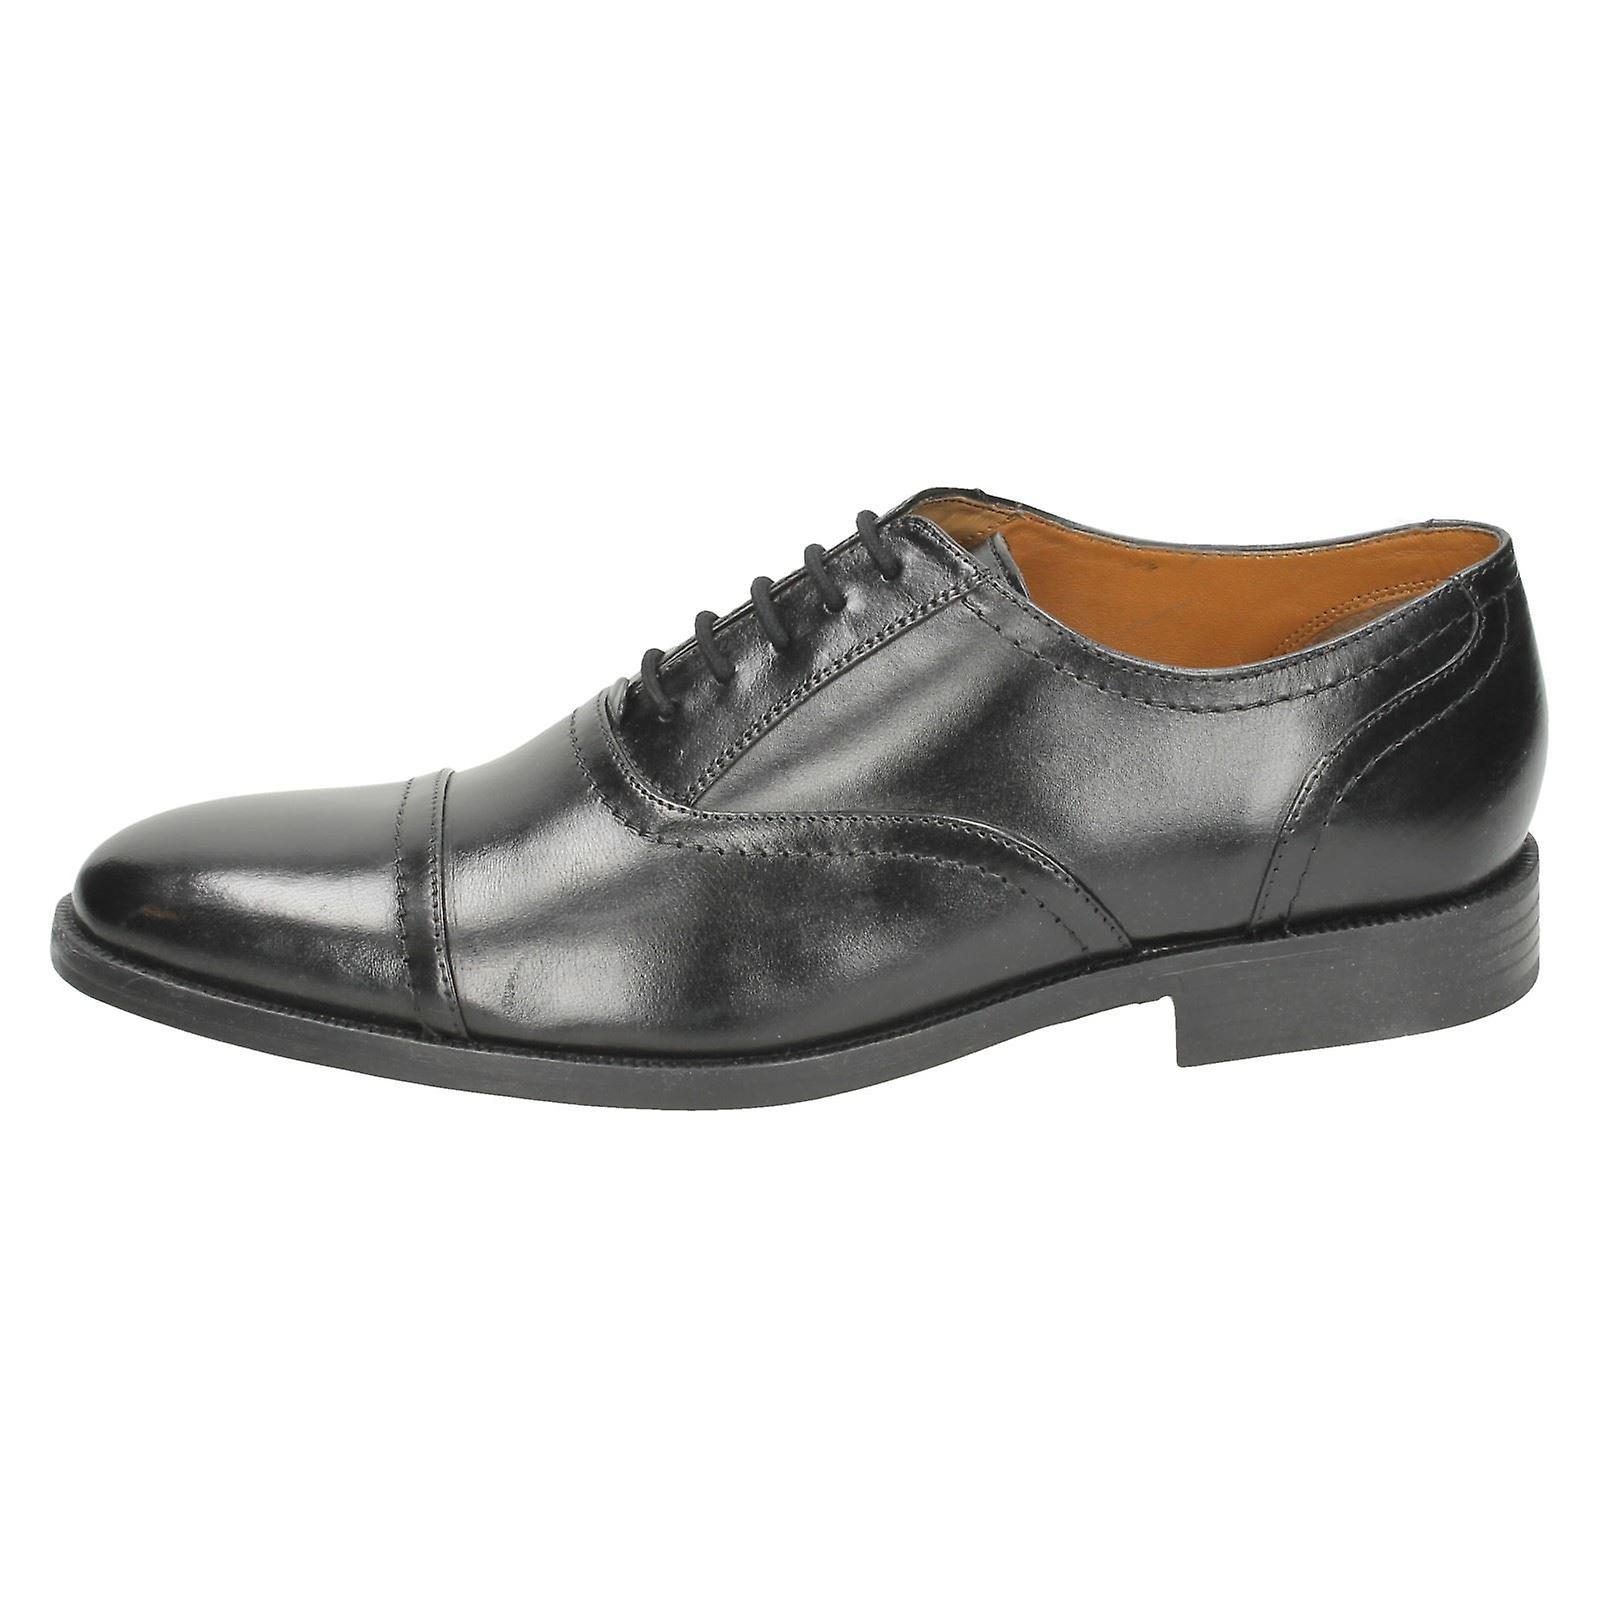 De formele kant van de mens Clarks Up schoenen Holter Lift - Gratis verzending w2weXE